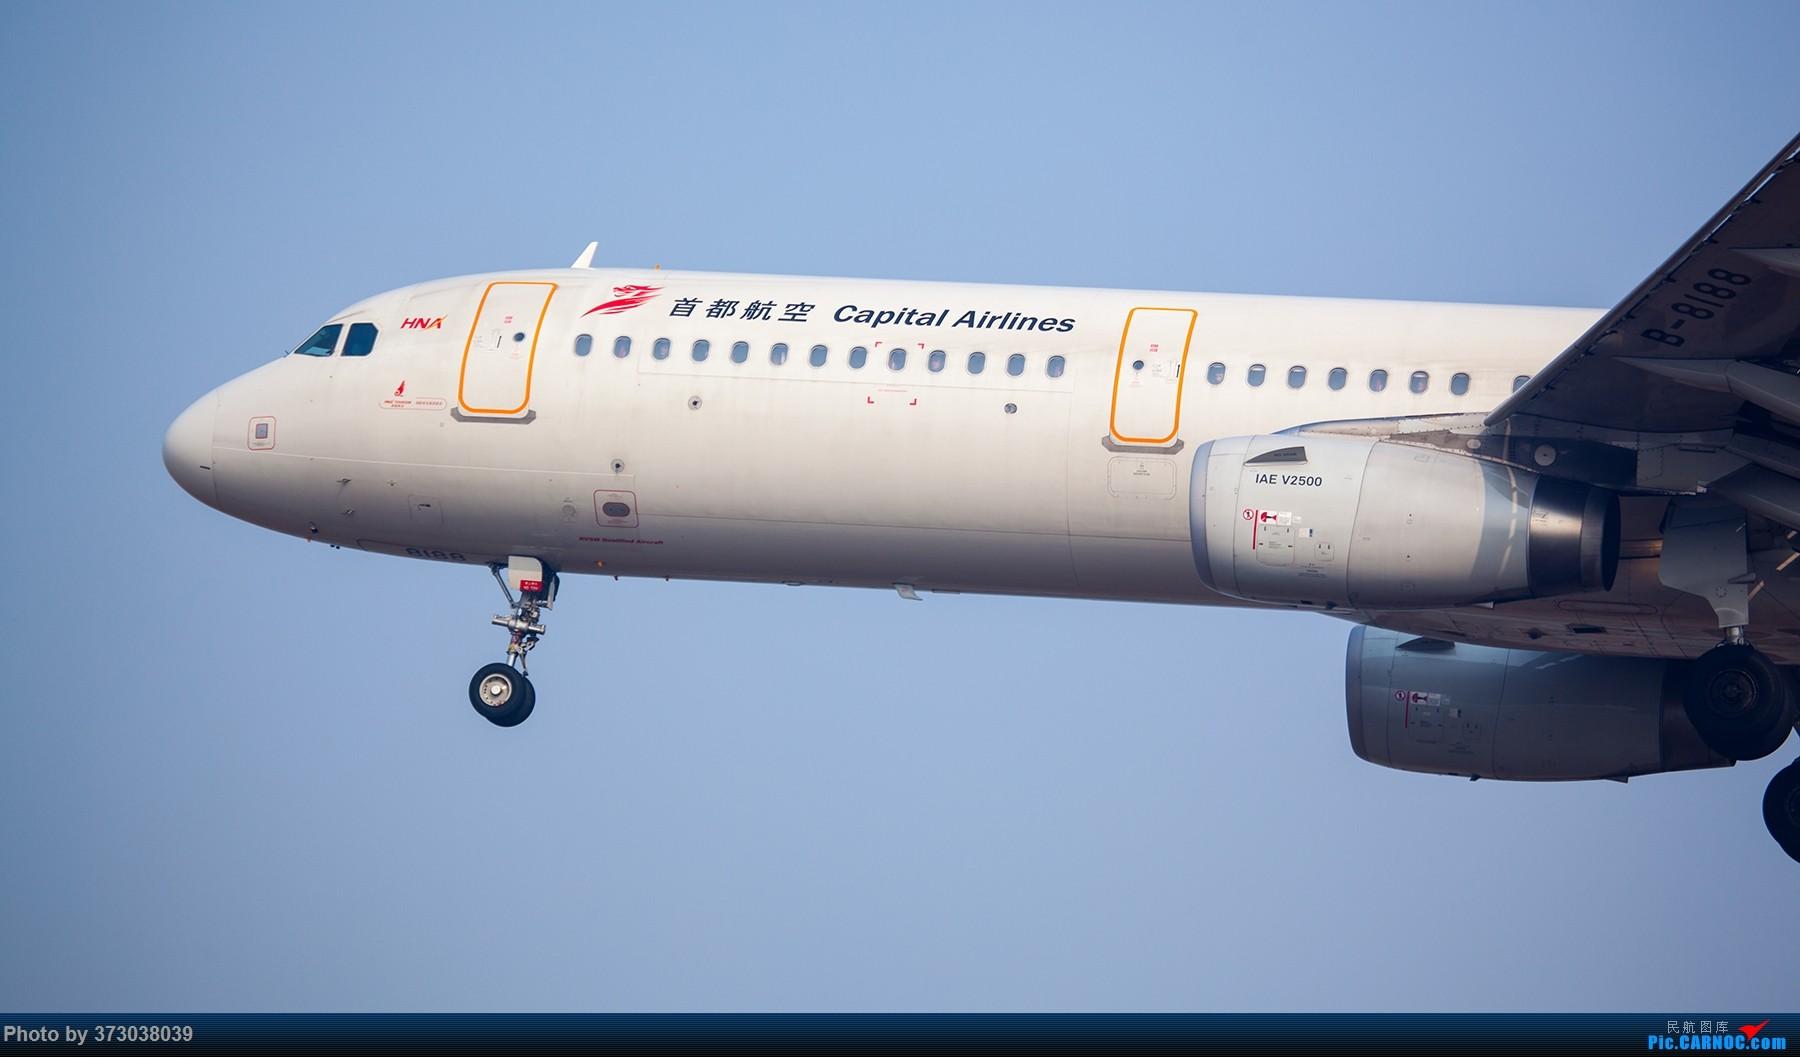 Re:[原创]【杭州飞友会】A320Neo迪士尼杭州萧山机场拍机班门弄斧记 AIRBUS A321-200 B-8188 中国杭州萧山国际机场